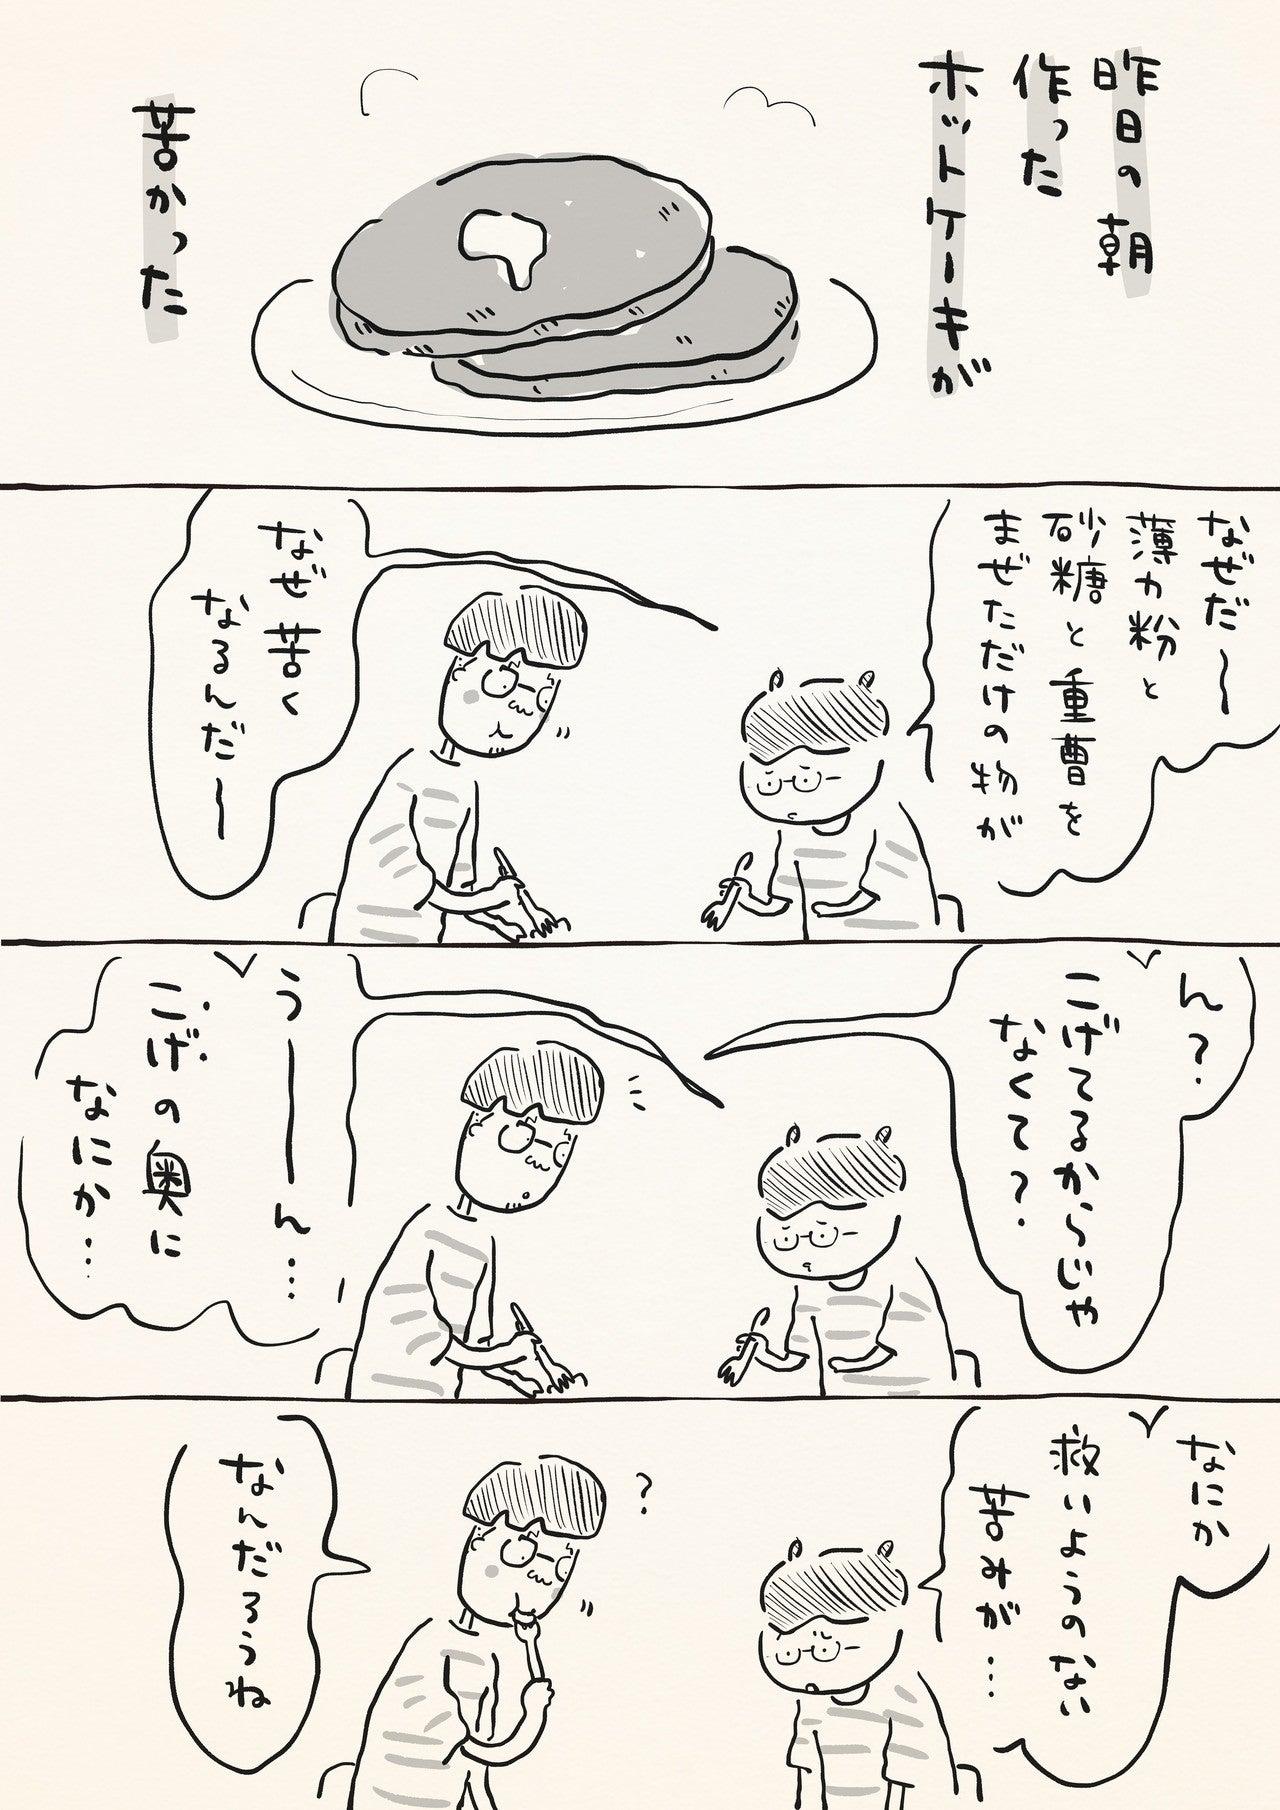 エッセイ漫画【失敗ホットケーキと情緒不安定な自分を救え】|おおが ...